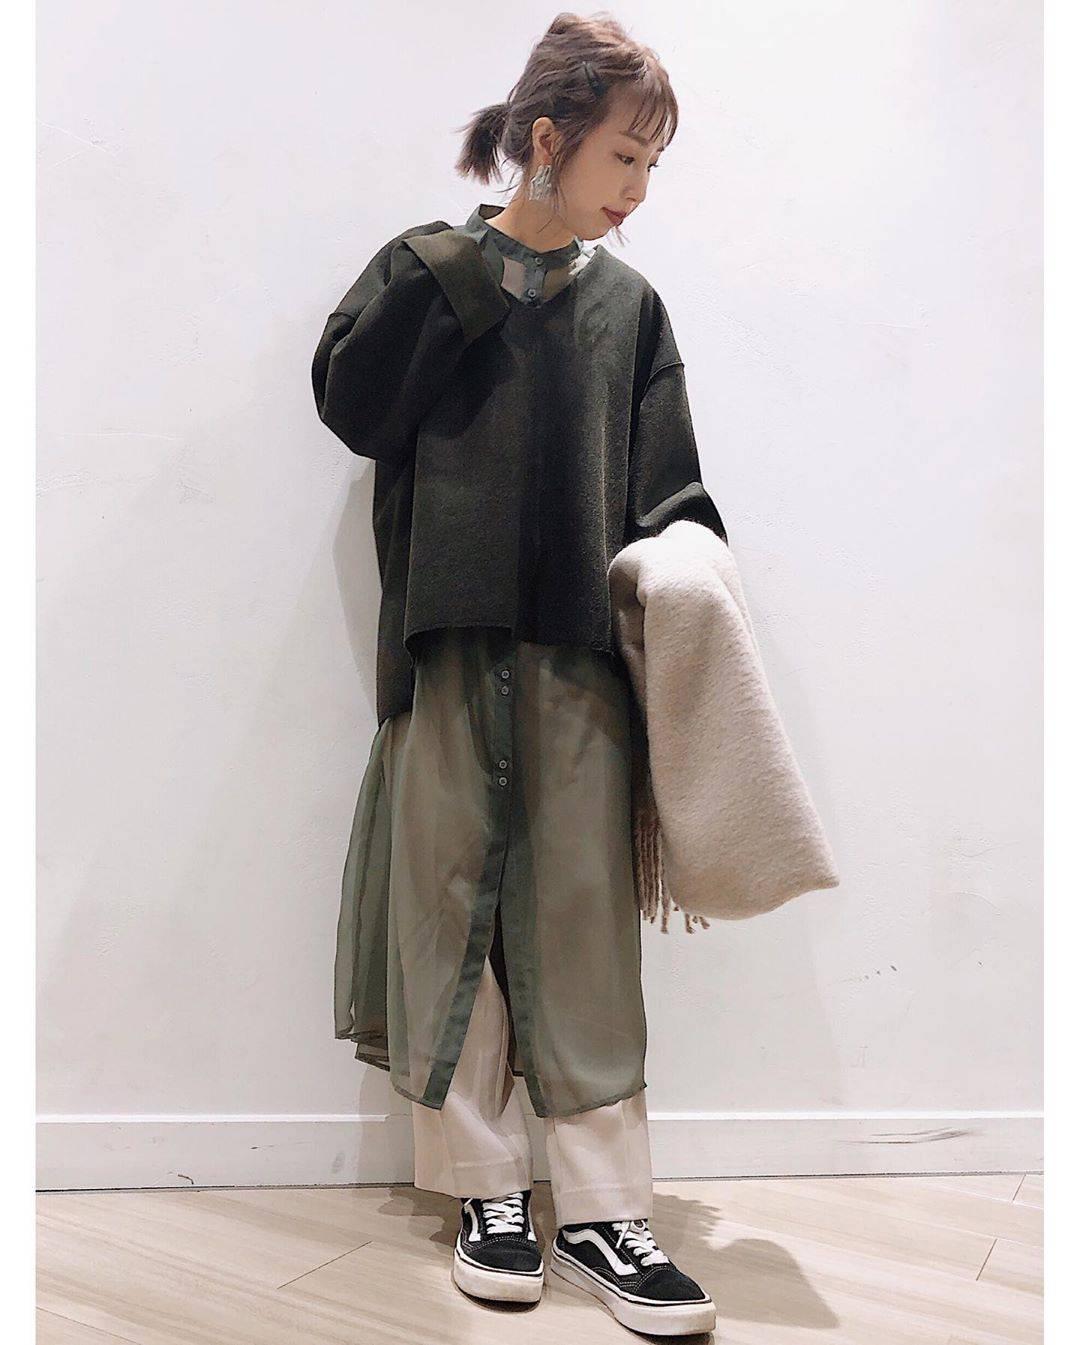 最高気温22度・最低気温11度 akaririri_1022の服装